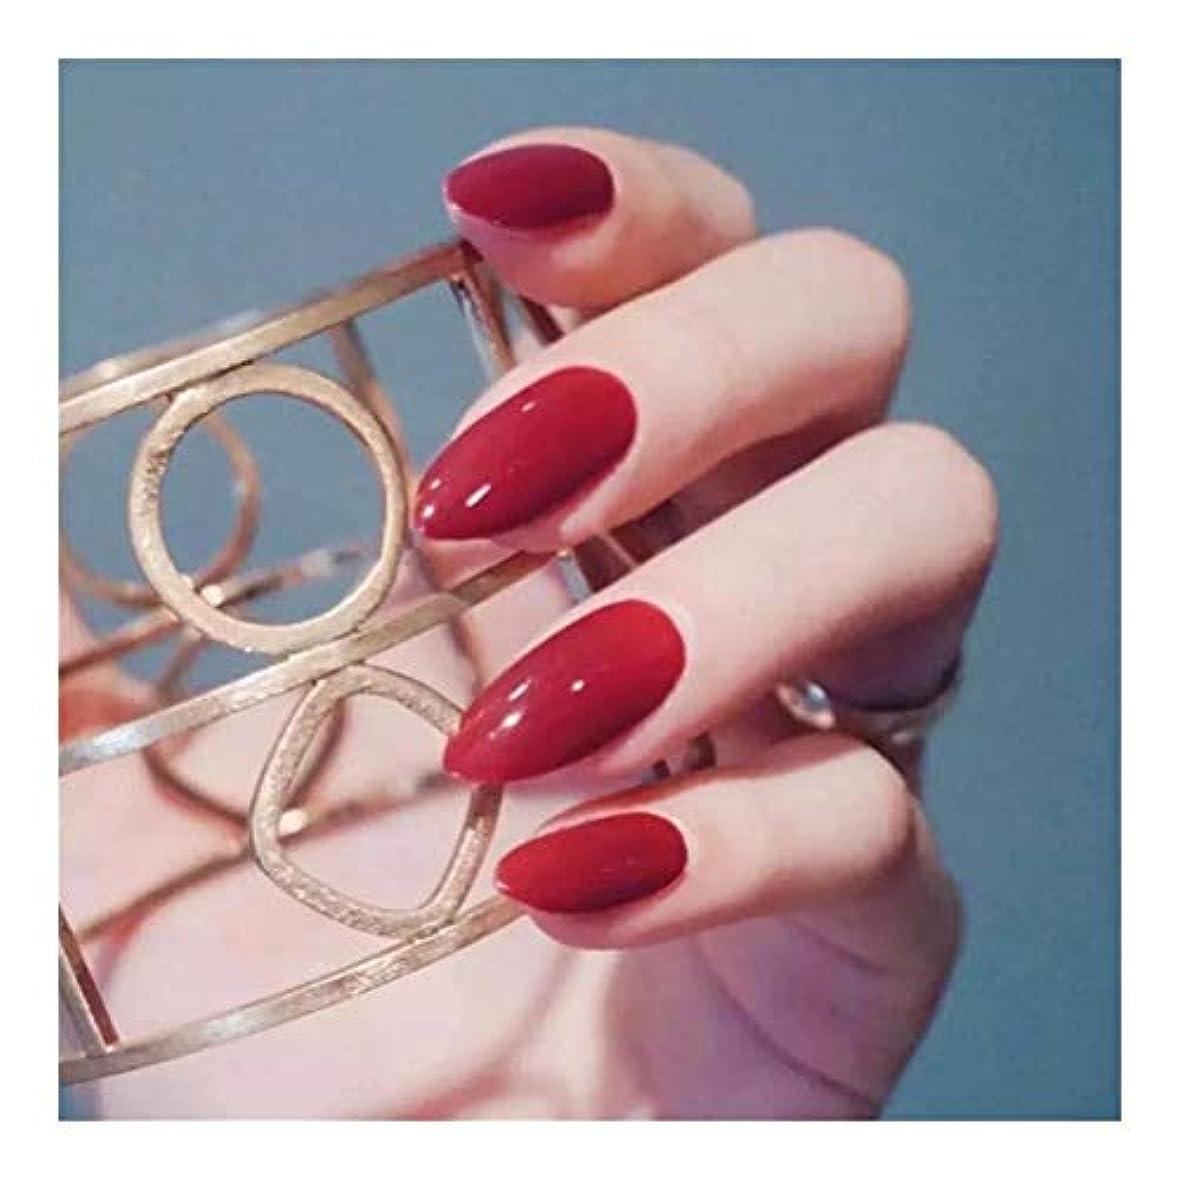 聞く肌寒い社交的TAALESET リムーバブル服ヒント長いセクション明るい赤ネイルネイルグルーフェイク釘完成 (色 : 24 pieces)